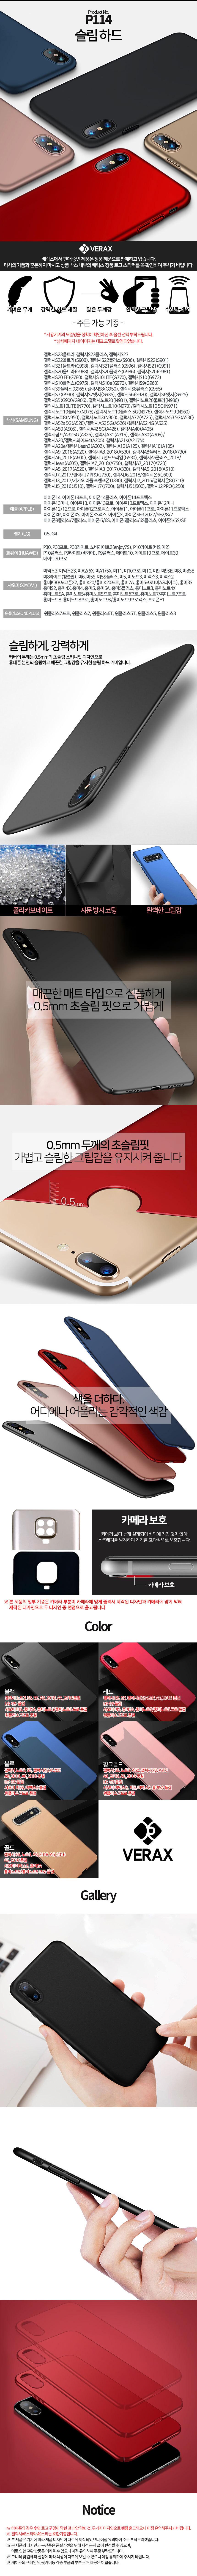 LG Q6/V30/V20/V10/G6/G5/G4 스키니 0.5mm 하드케이스8,500원-베락스디지털, 기타 스마트폰/스마트패드, 케이스, 기타 스마트폰바보사랑LG Q6/V30/V20/V10/G6/G5/G4 스키니 0.5mm 하드케이스8,500원-베락스디지털, 기타 스마트폰/스마트패드, 케이스, 기타 스마트폰바보사랑